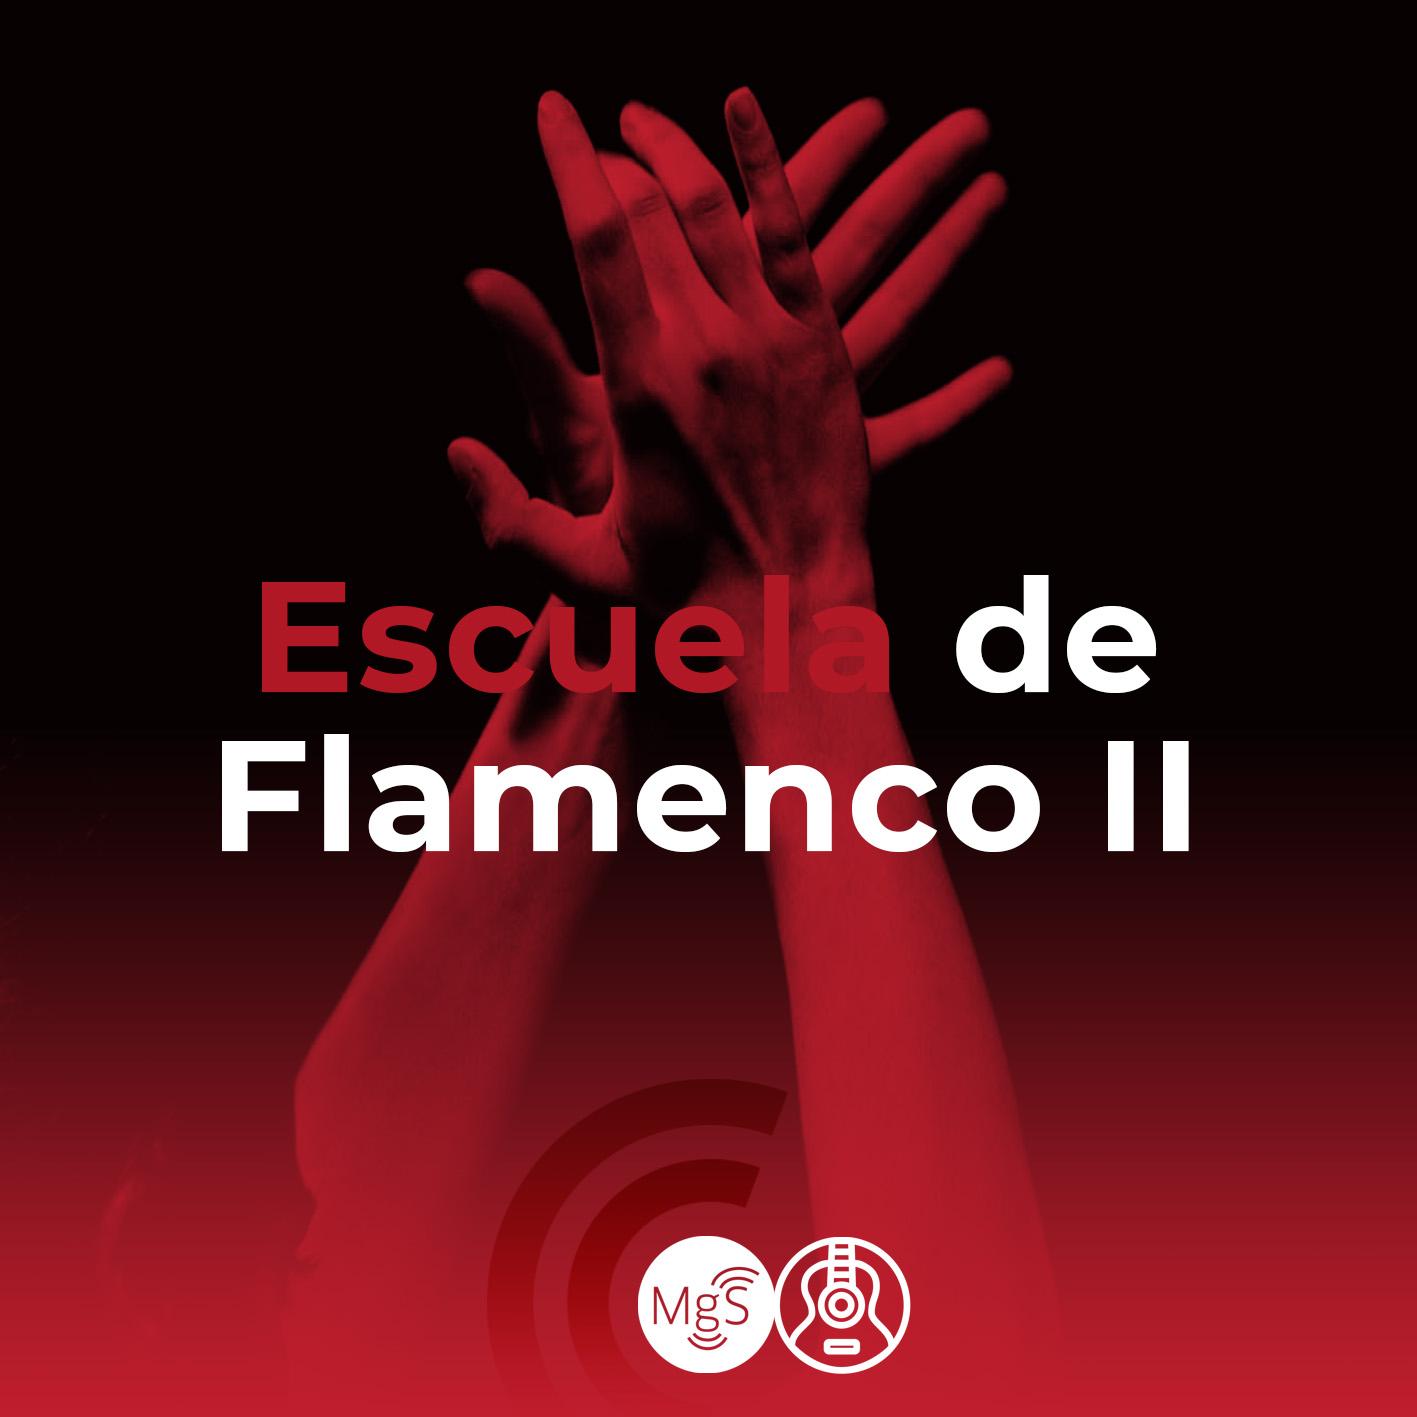 mejores canciones para bailar flamenco